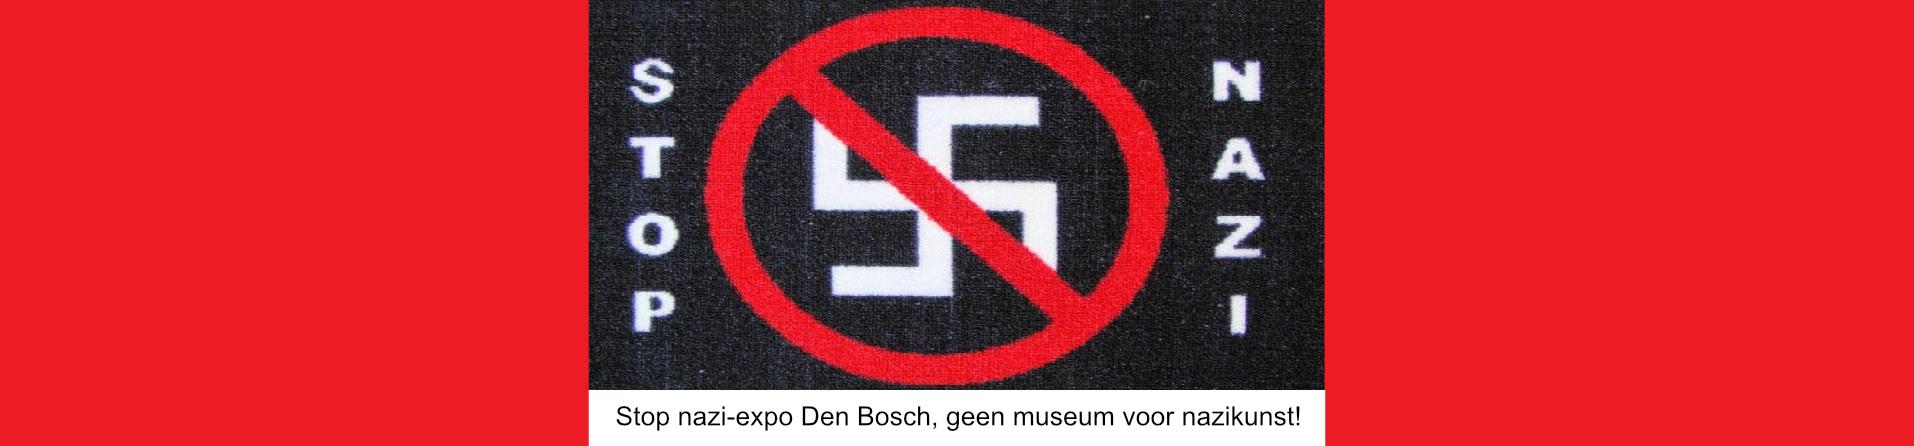 'Ontkenning holocaust altijd vervolgen'